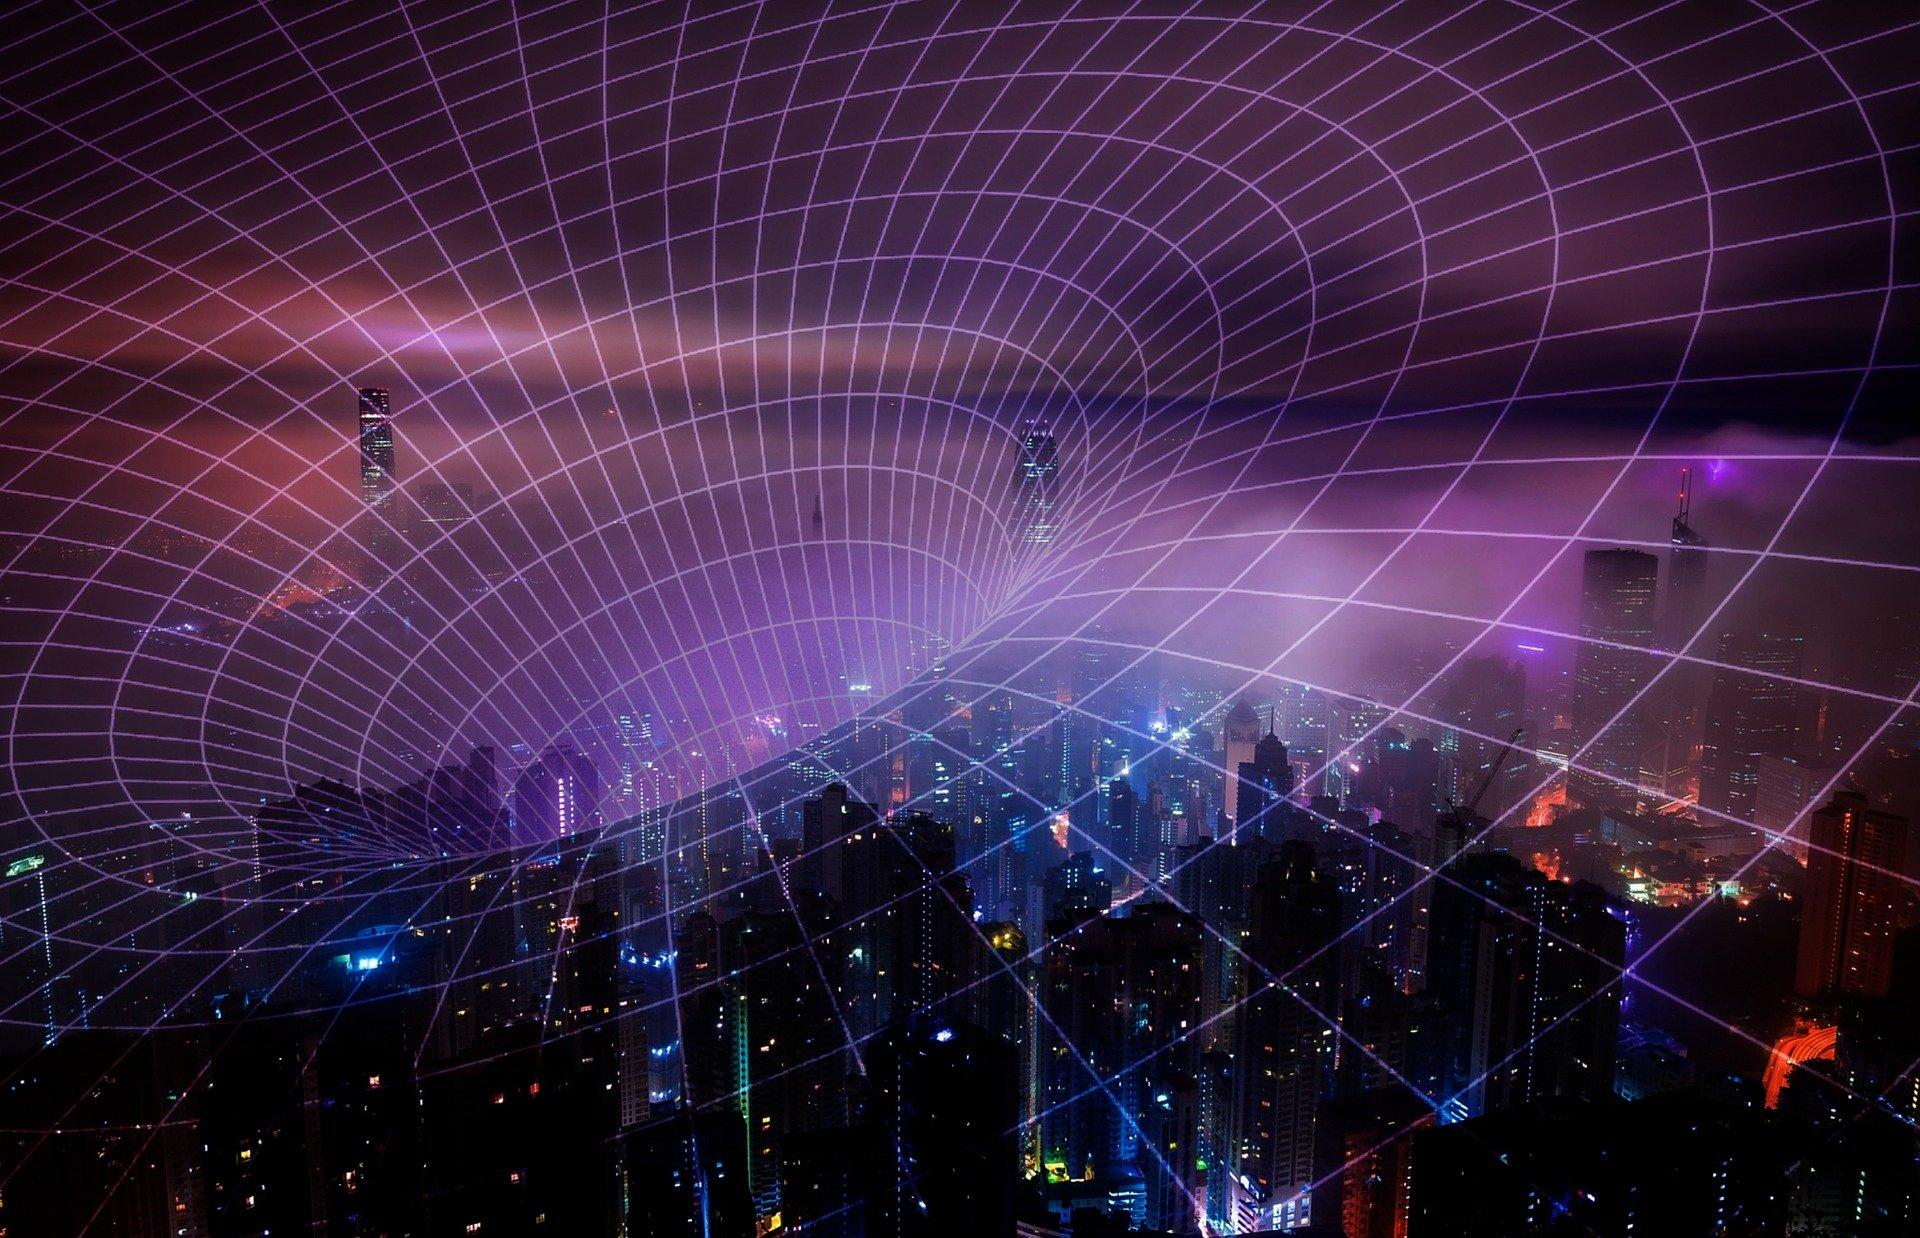 МТС адаптировала облачный суперкомпьютер для проектов умного города 1